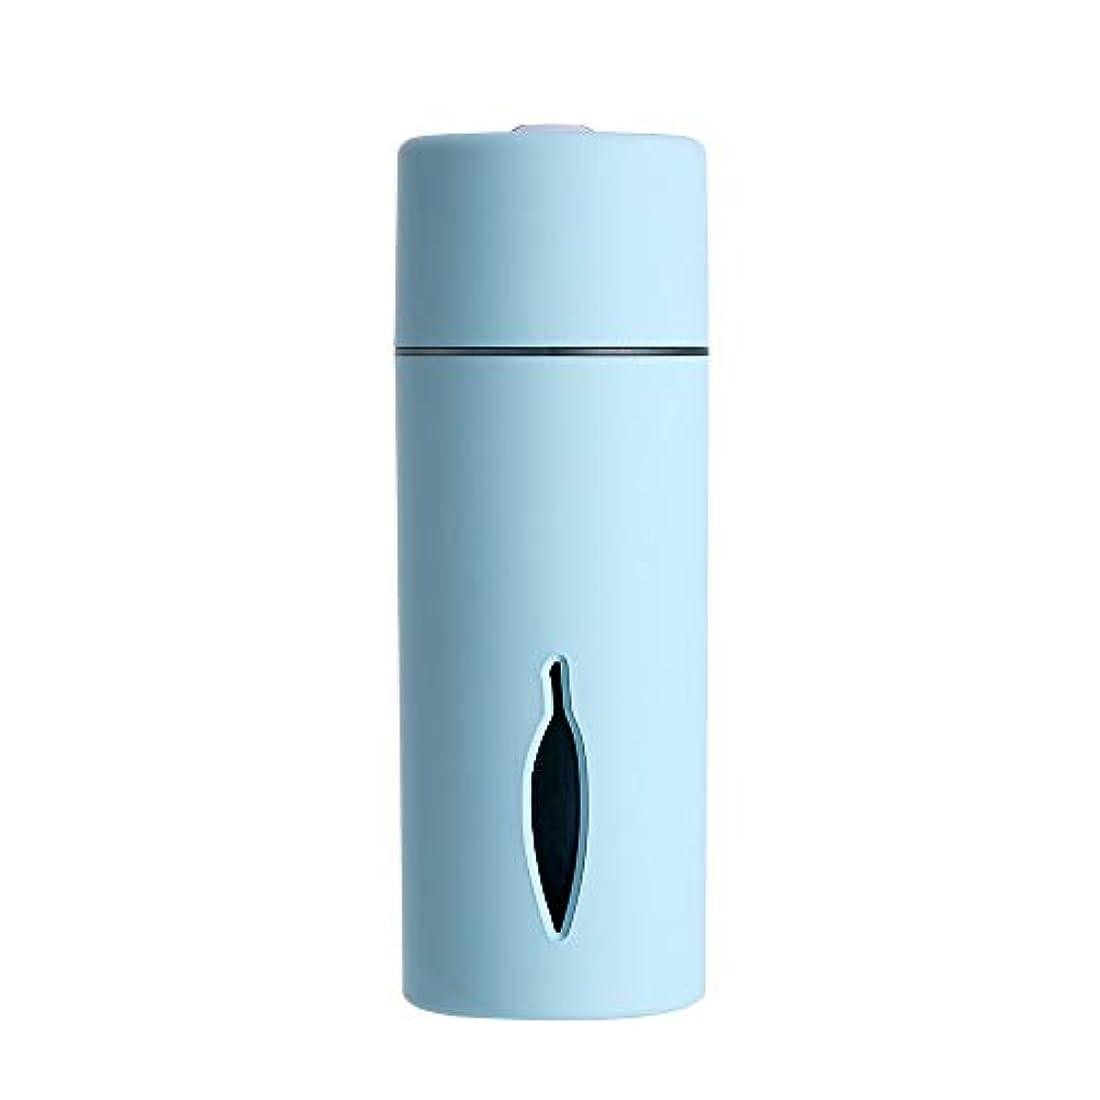 リール宿命王女ZXF クリエイティブ新しいカラフルな夜の光の葉加湿器usb車のミニホームスプレー楽器水道メーターブルーセクションピンク 滑らかである (色 : Blue)